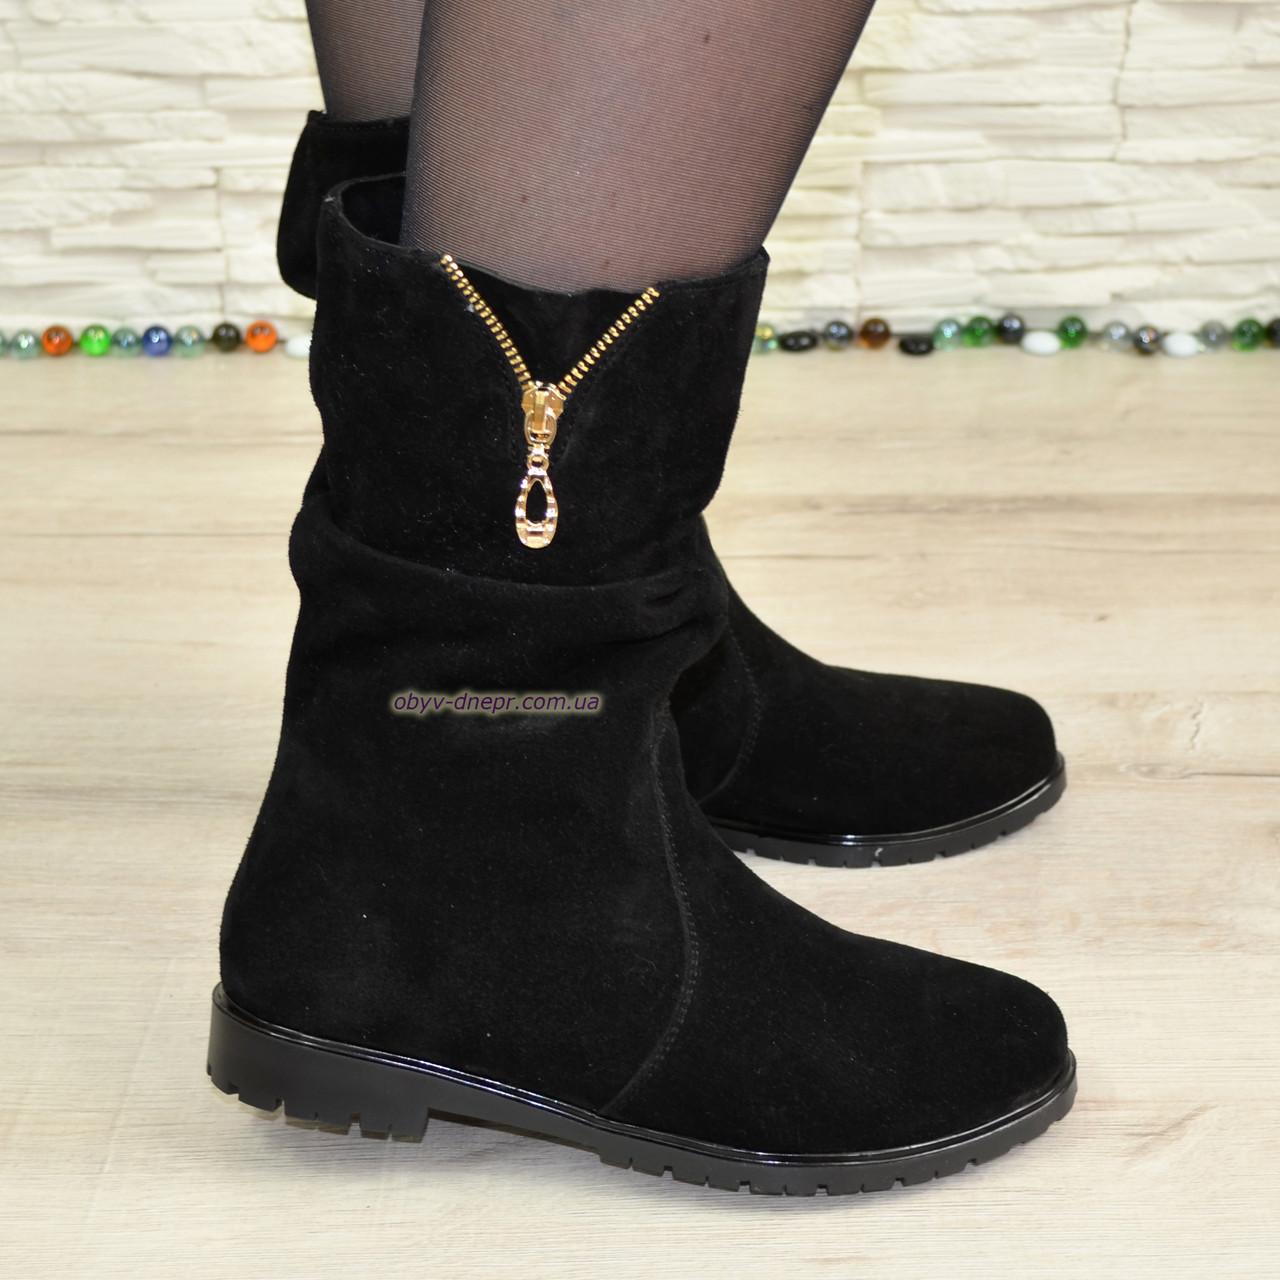 9a7667c8 Ботинки женские зимние на низком ходу из натуральной черной замши ...